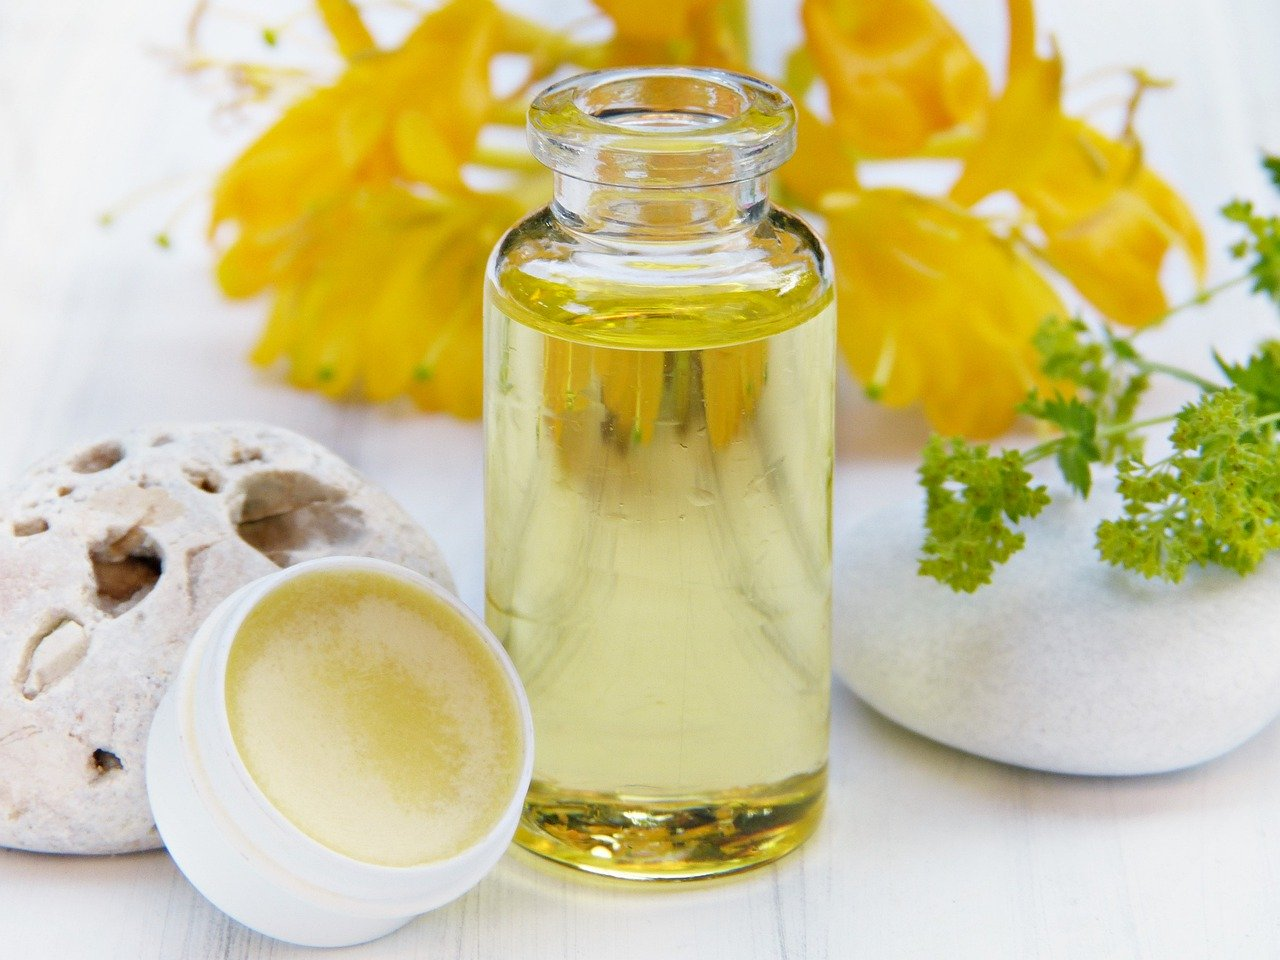 Se rajeunir la peau par les produits naturels.